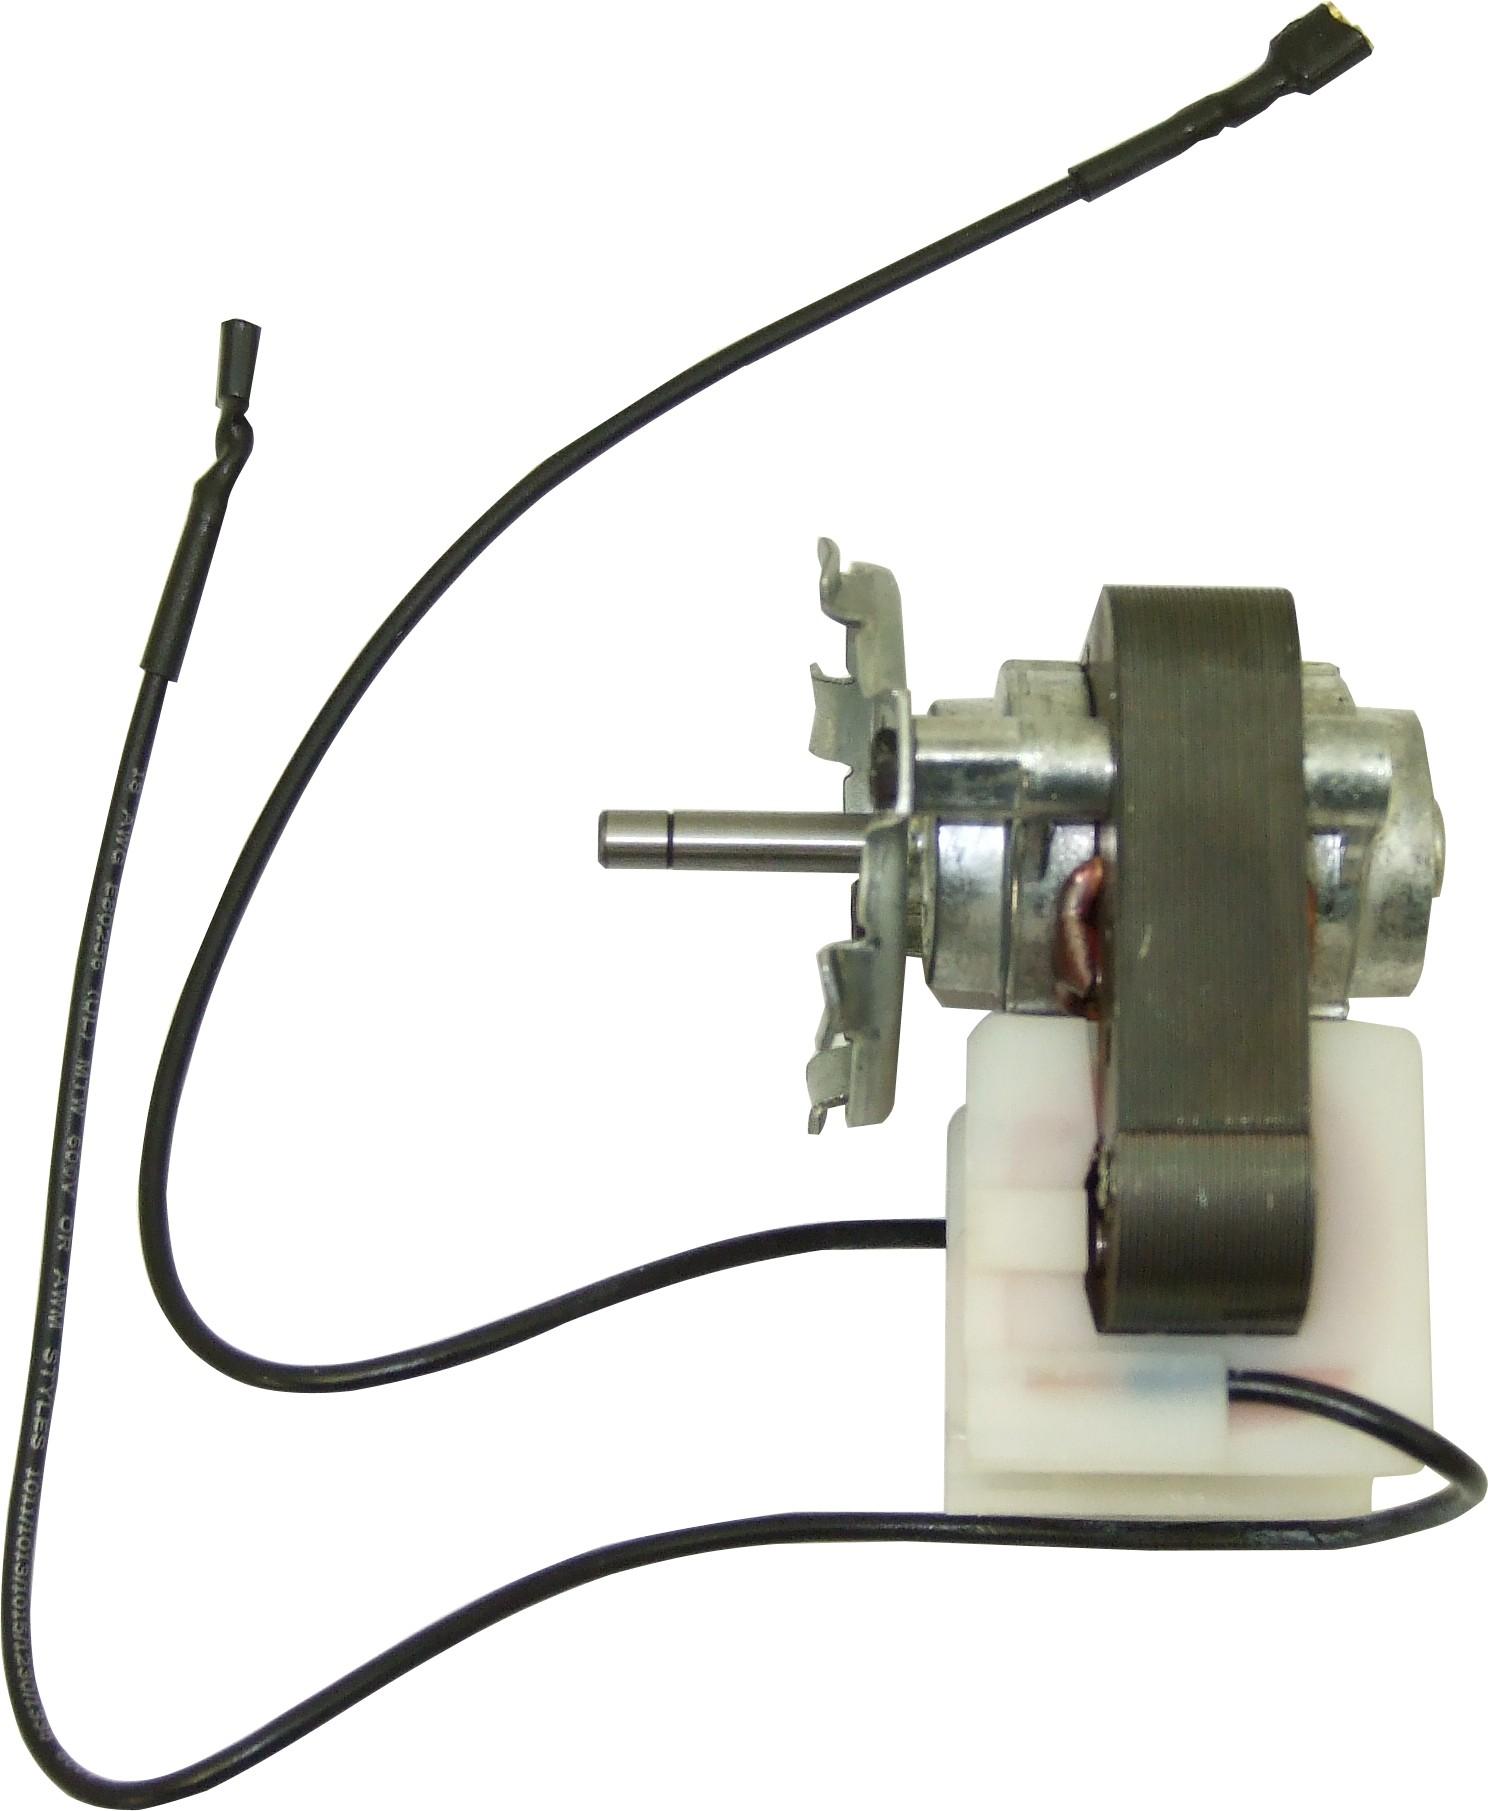 Edenpure fan motor us003 for Fan motor for heater